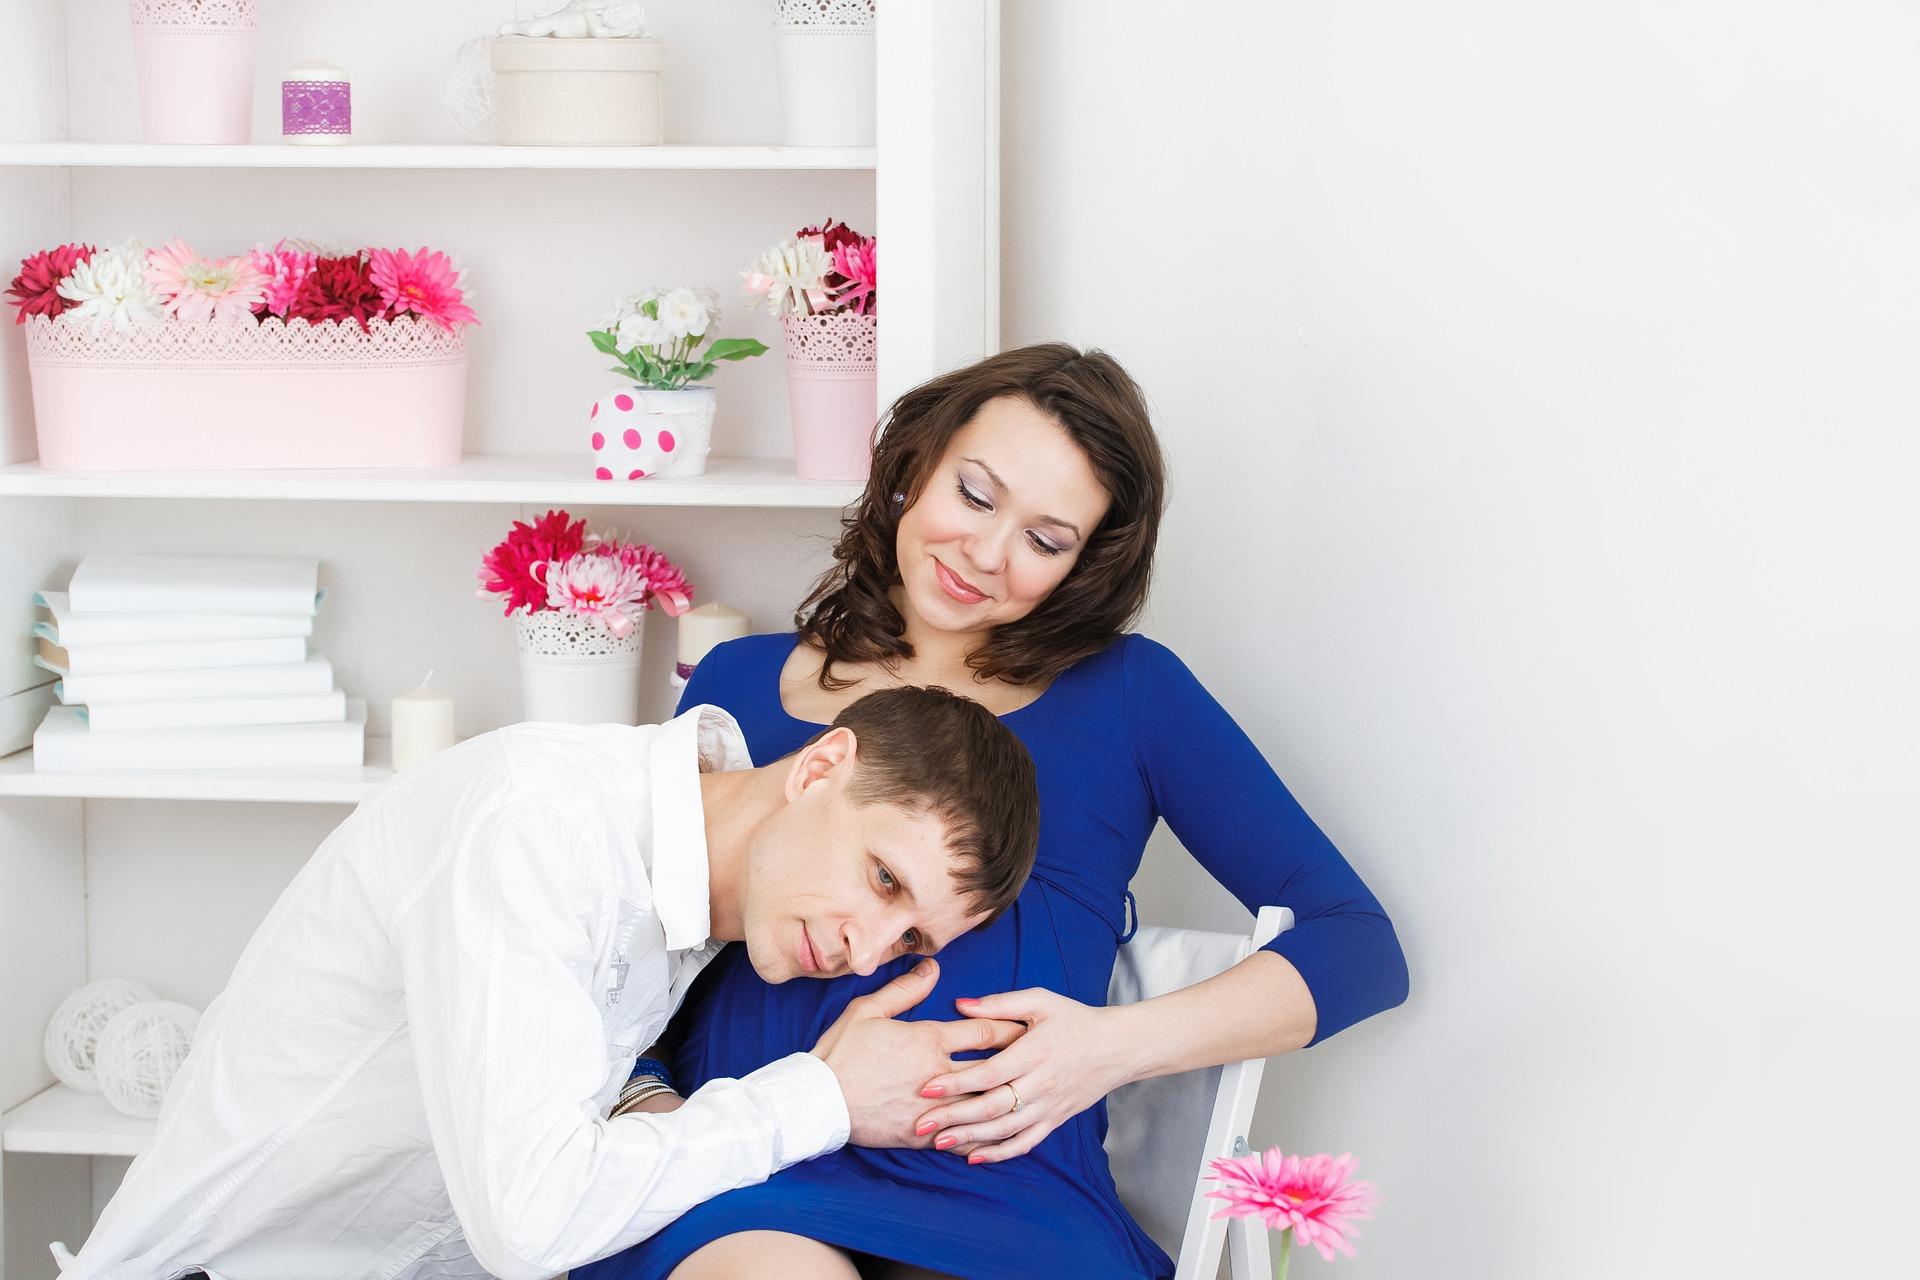 איך יכולים צילומי היריון לחזק את הזוגיות?